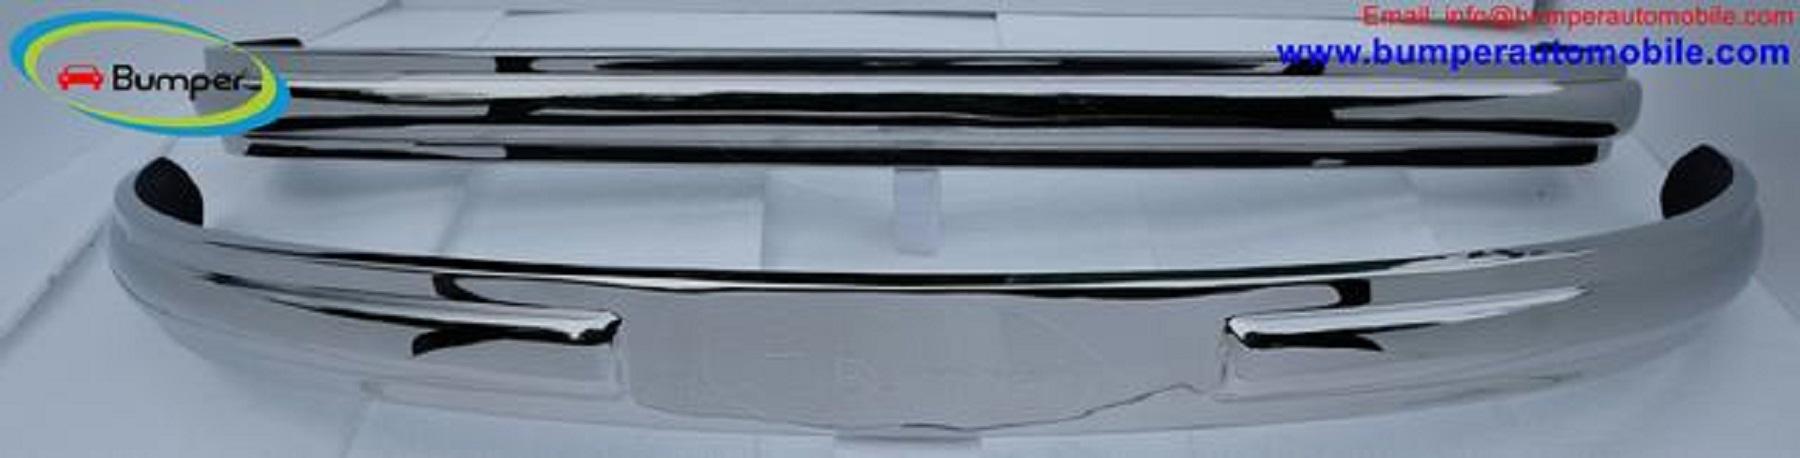 VW Bus T1 Split Screen (1950-1957) bumpers